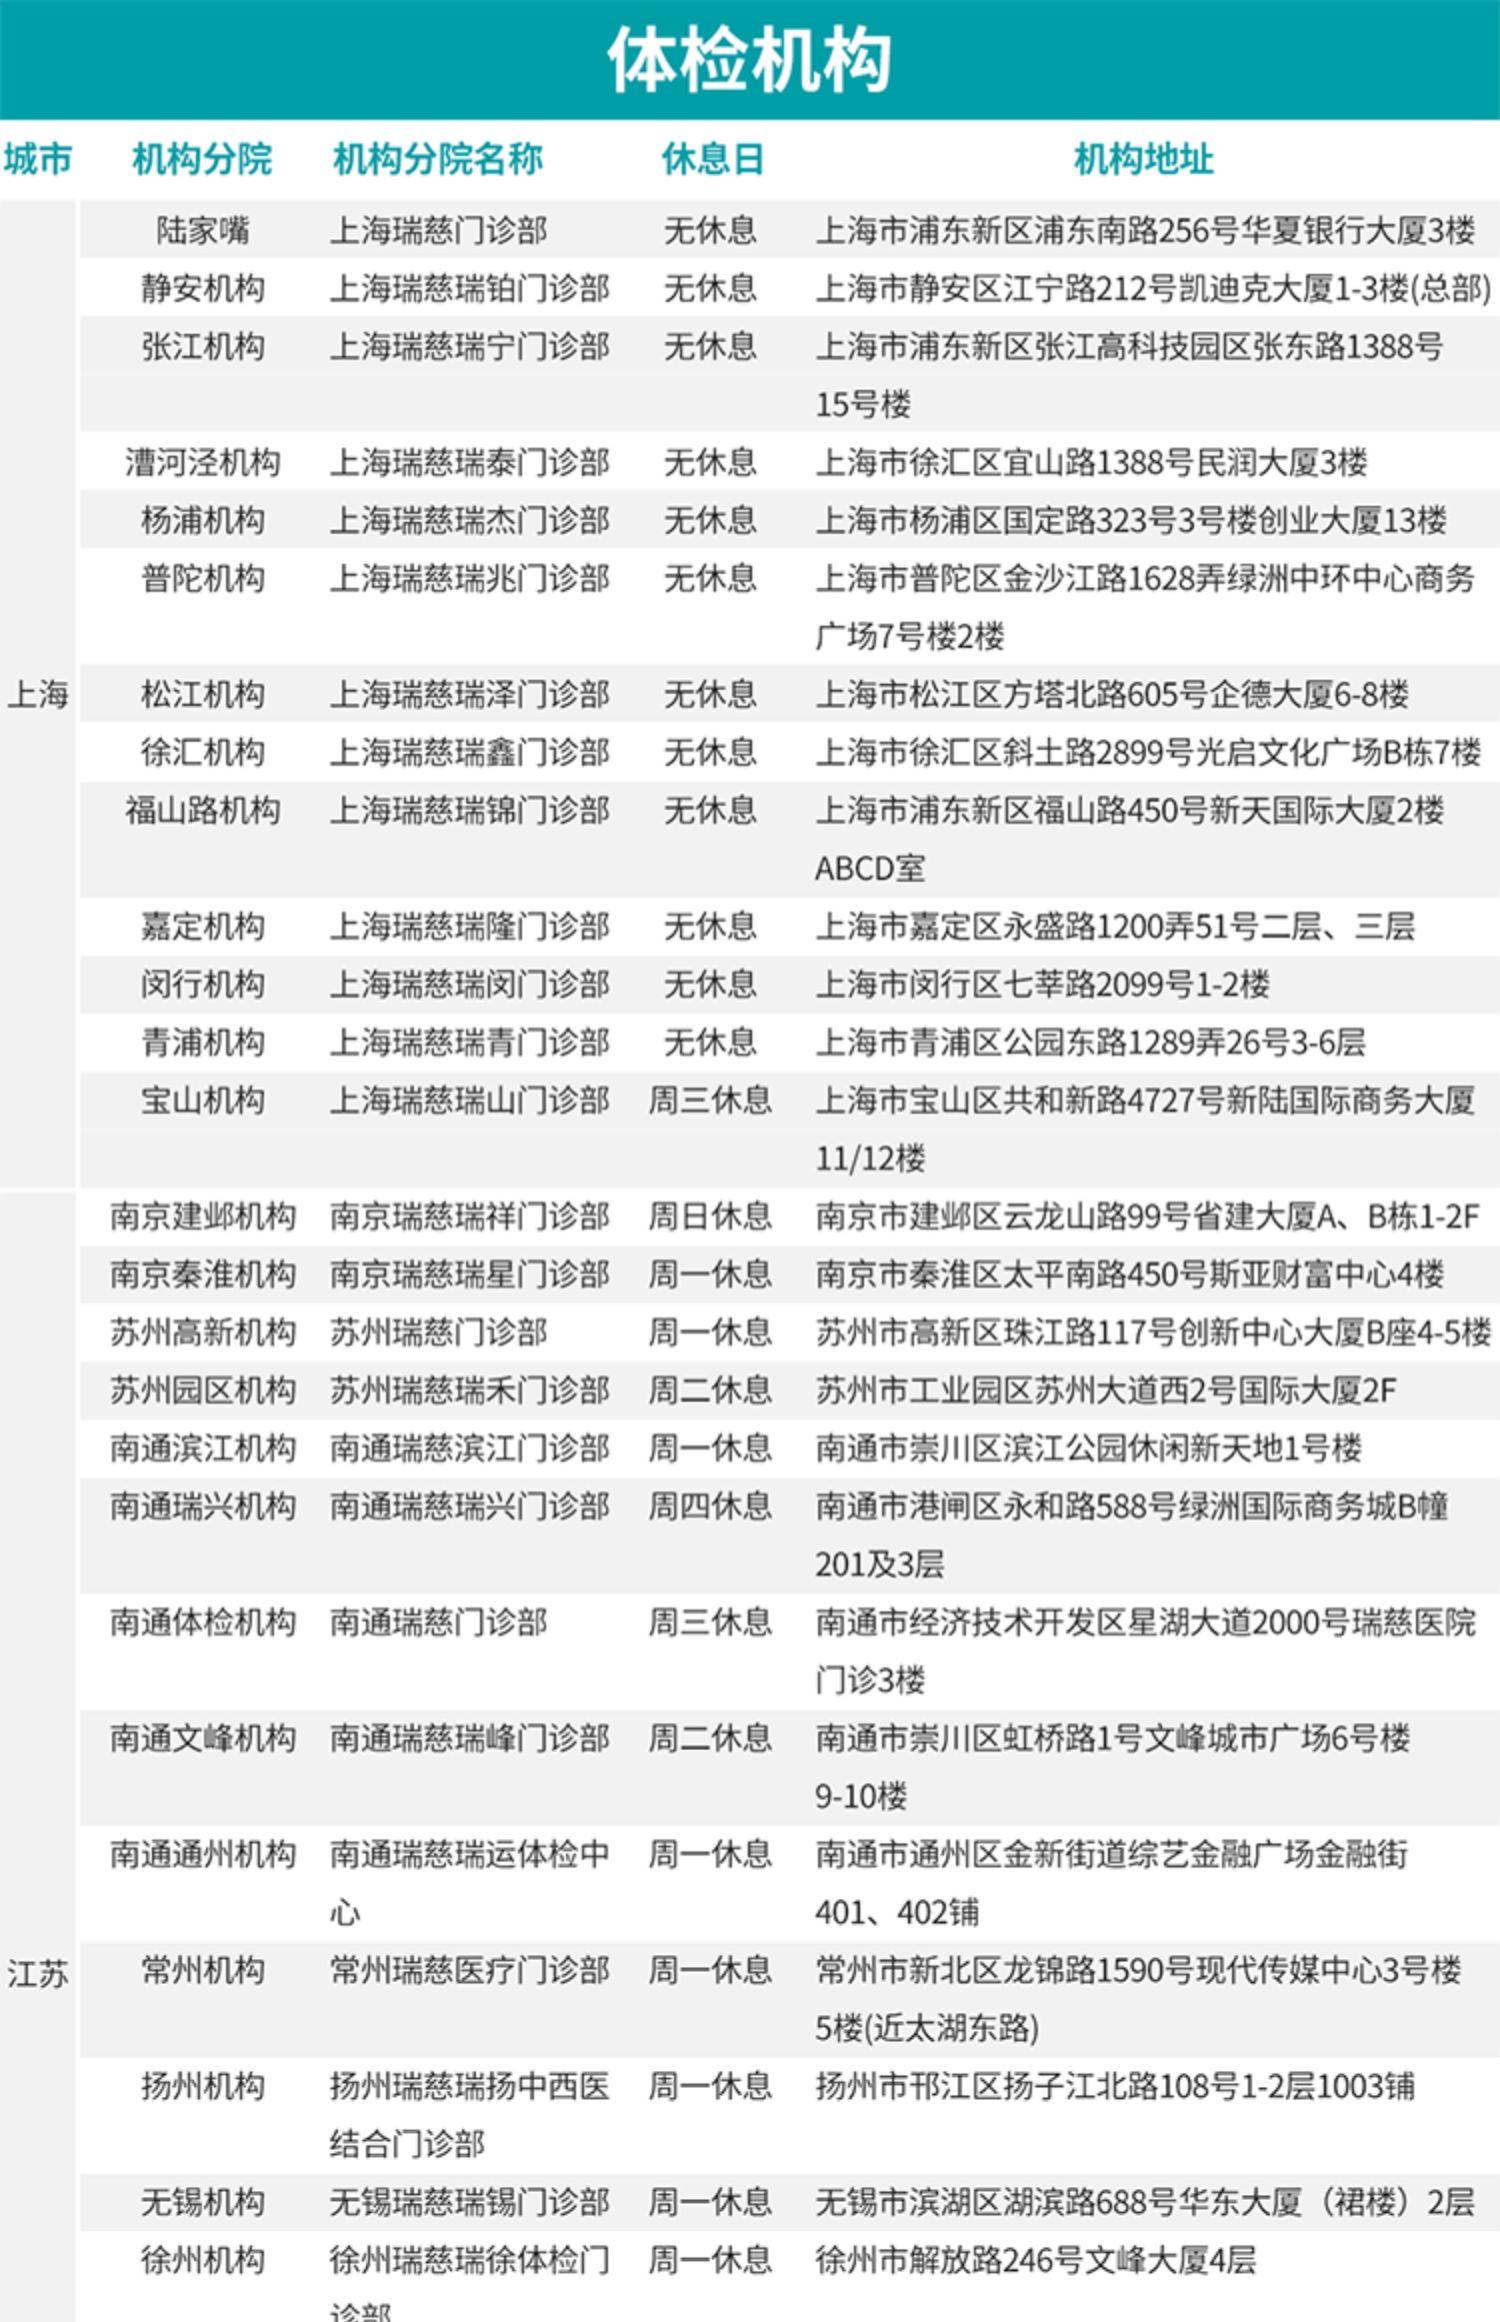 瑞慈体检卡 女性粉红金牌套餐 体检女士妇科报告单上海北京广州商品详情图